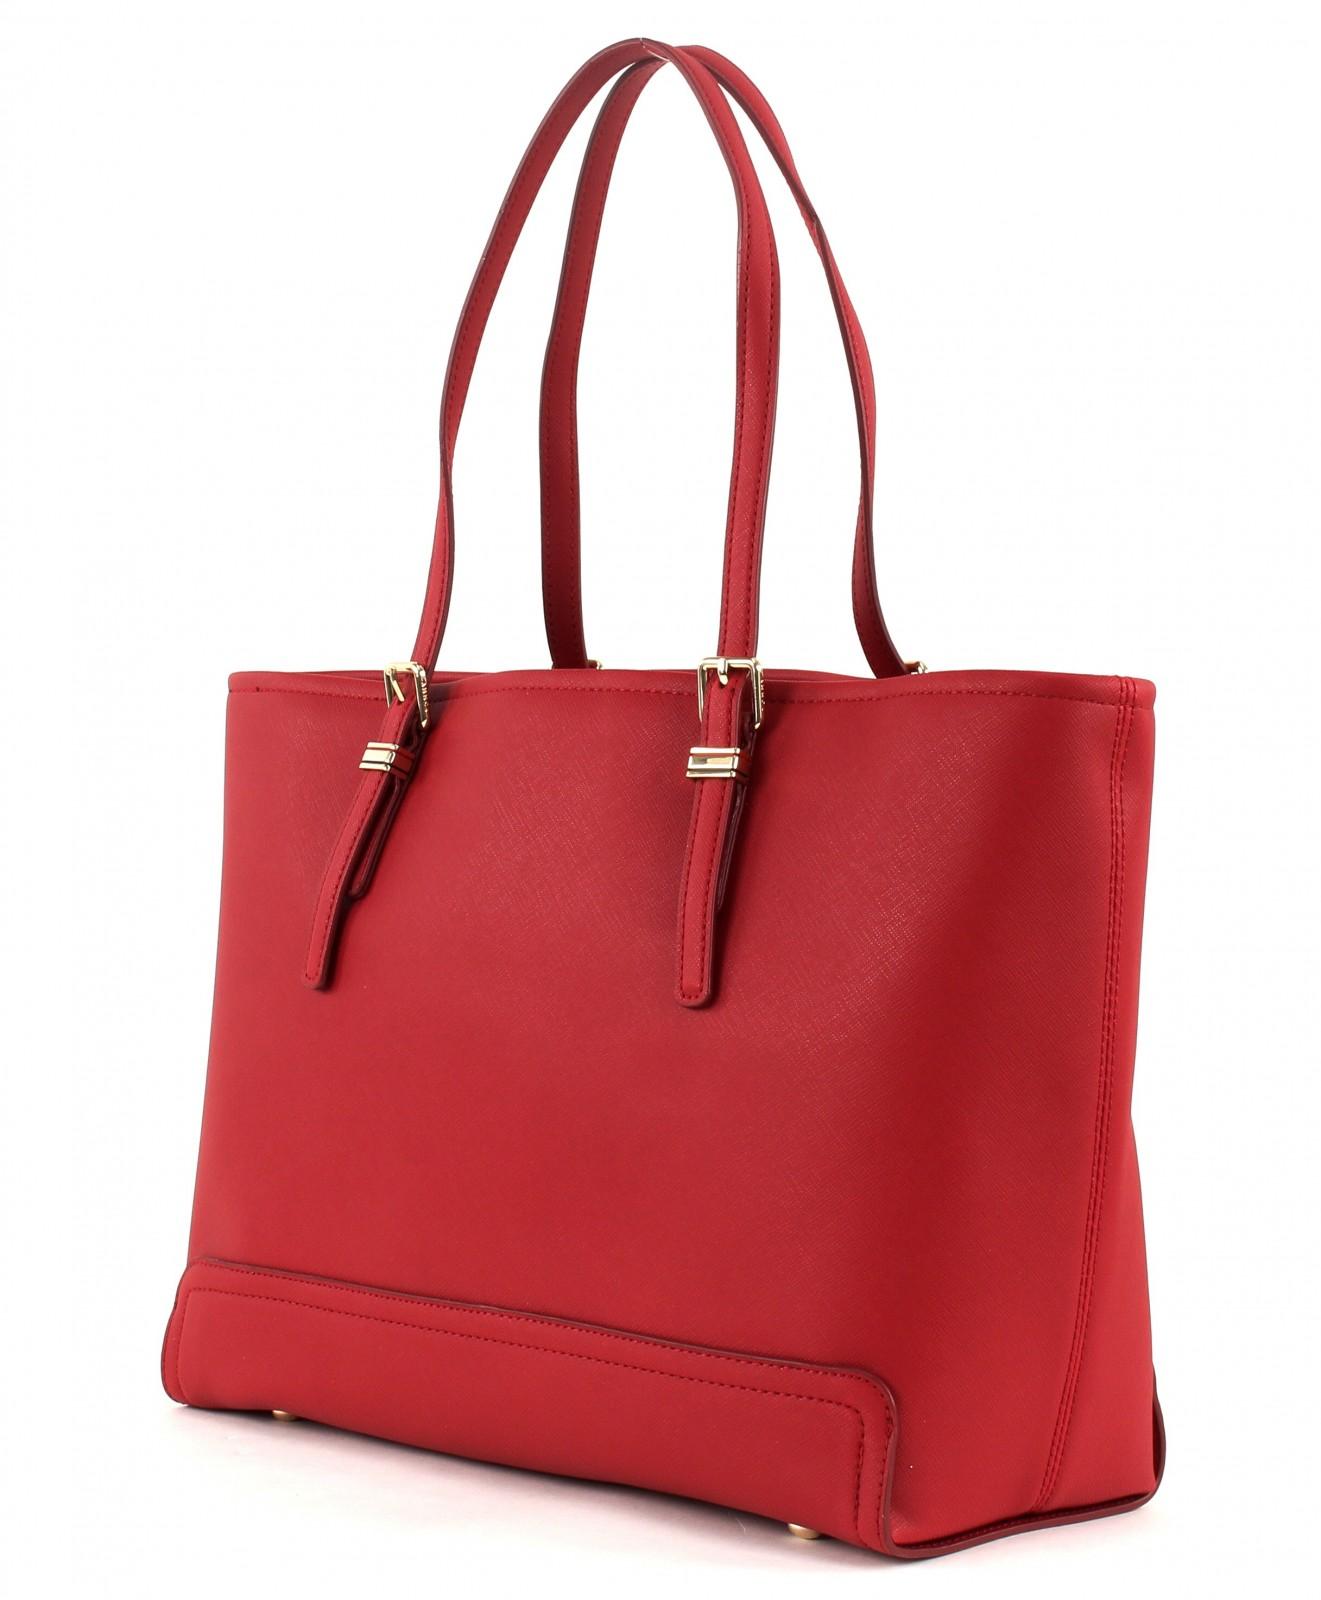 tommy hilfiger shoulder bag honey medium tote scooter red. Black Bedroom Furniture Sets. Home Design Ideas